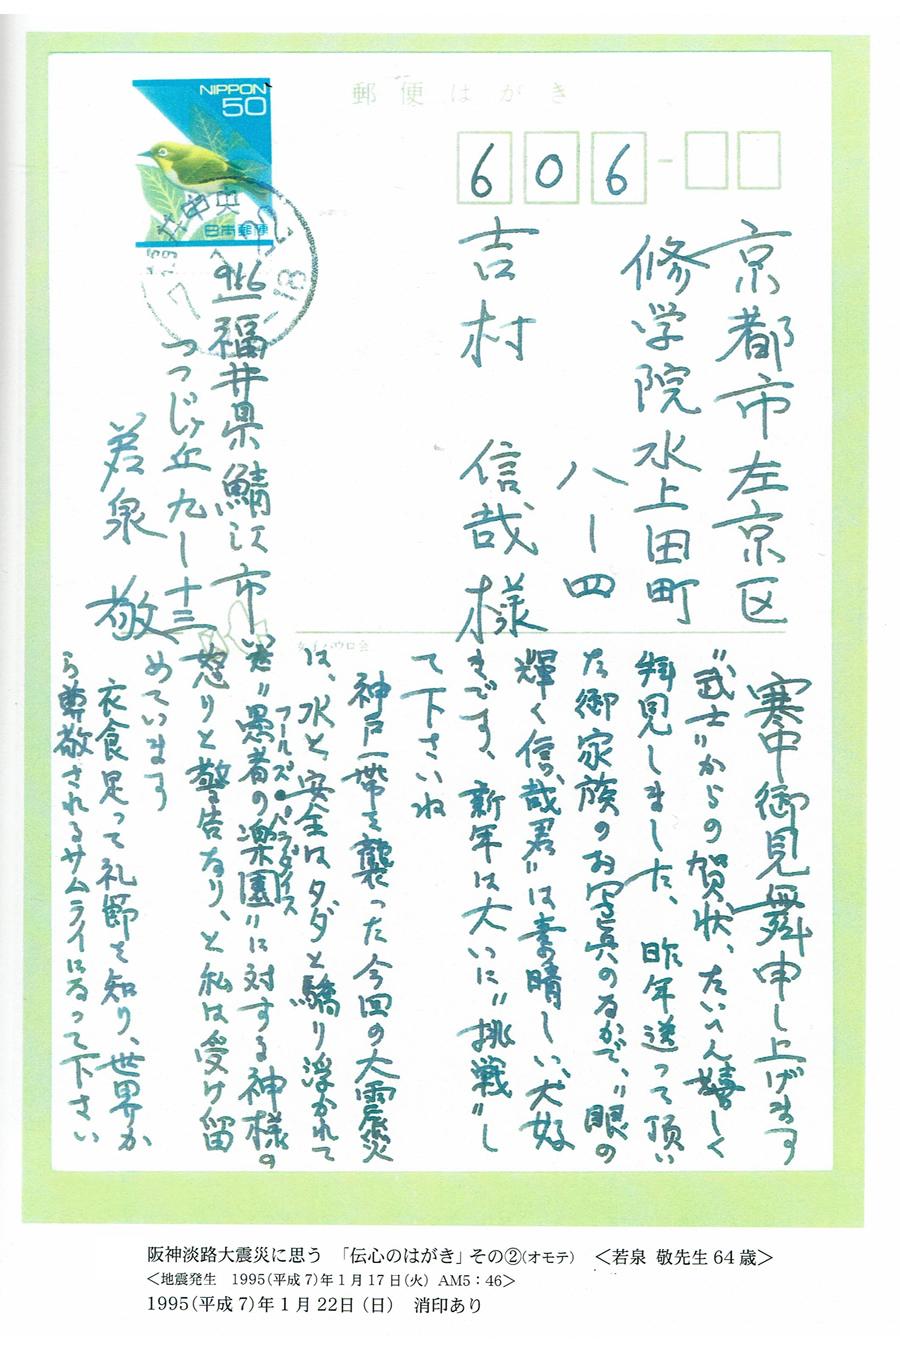 阪神大震災に思う「伝心のはがき」その②(オモテ)<若泉 敬先生64歳>